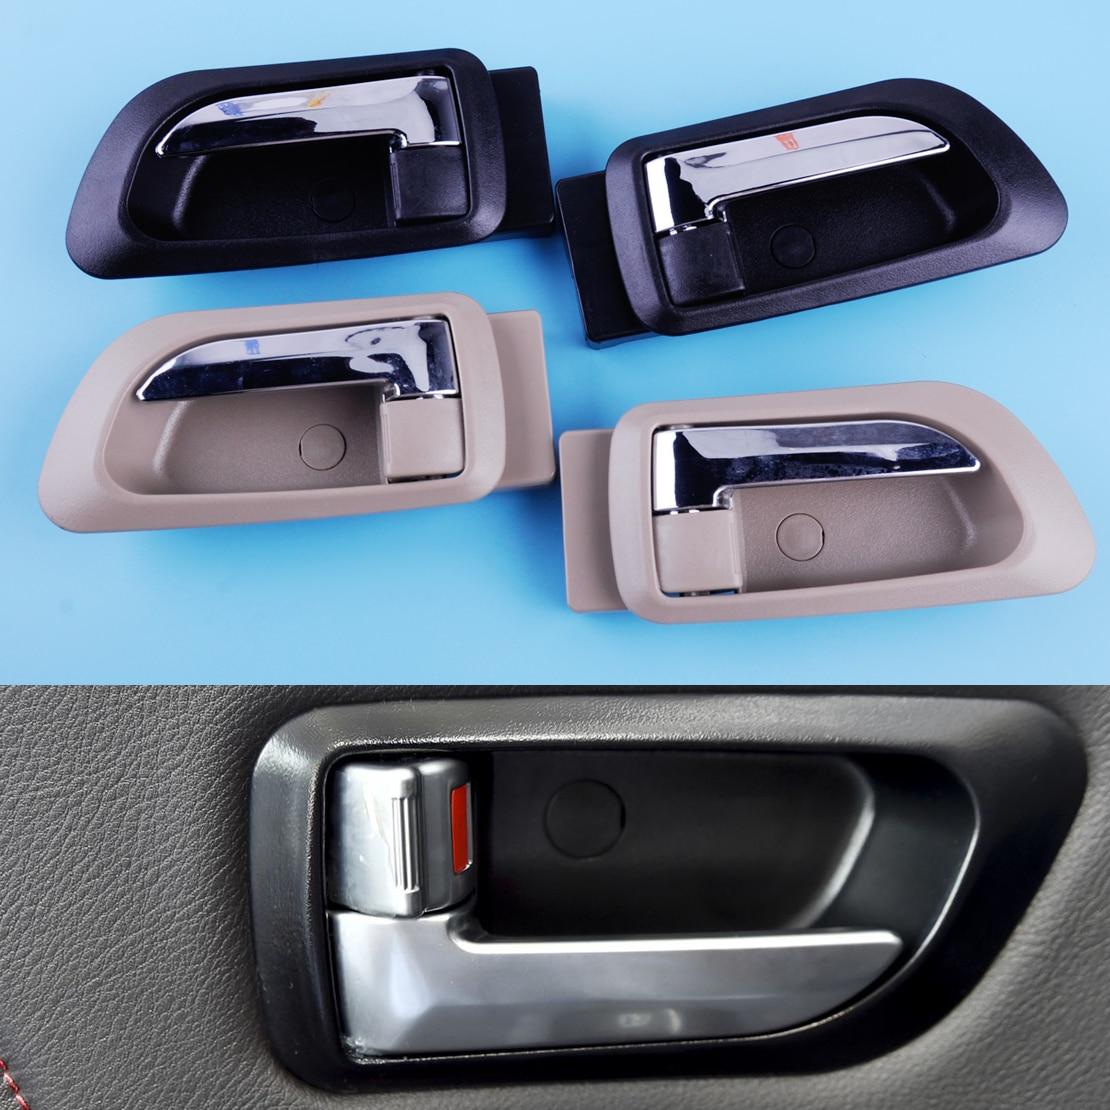 Dwcx um par de maçaneta da porta interna do carro frente esquerda direita 6105100-k80 6105200-k80 apto para great wall x200 2011-2017x240 2010-2016